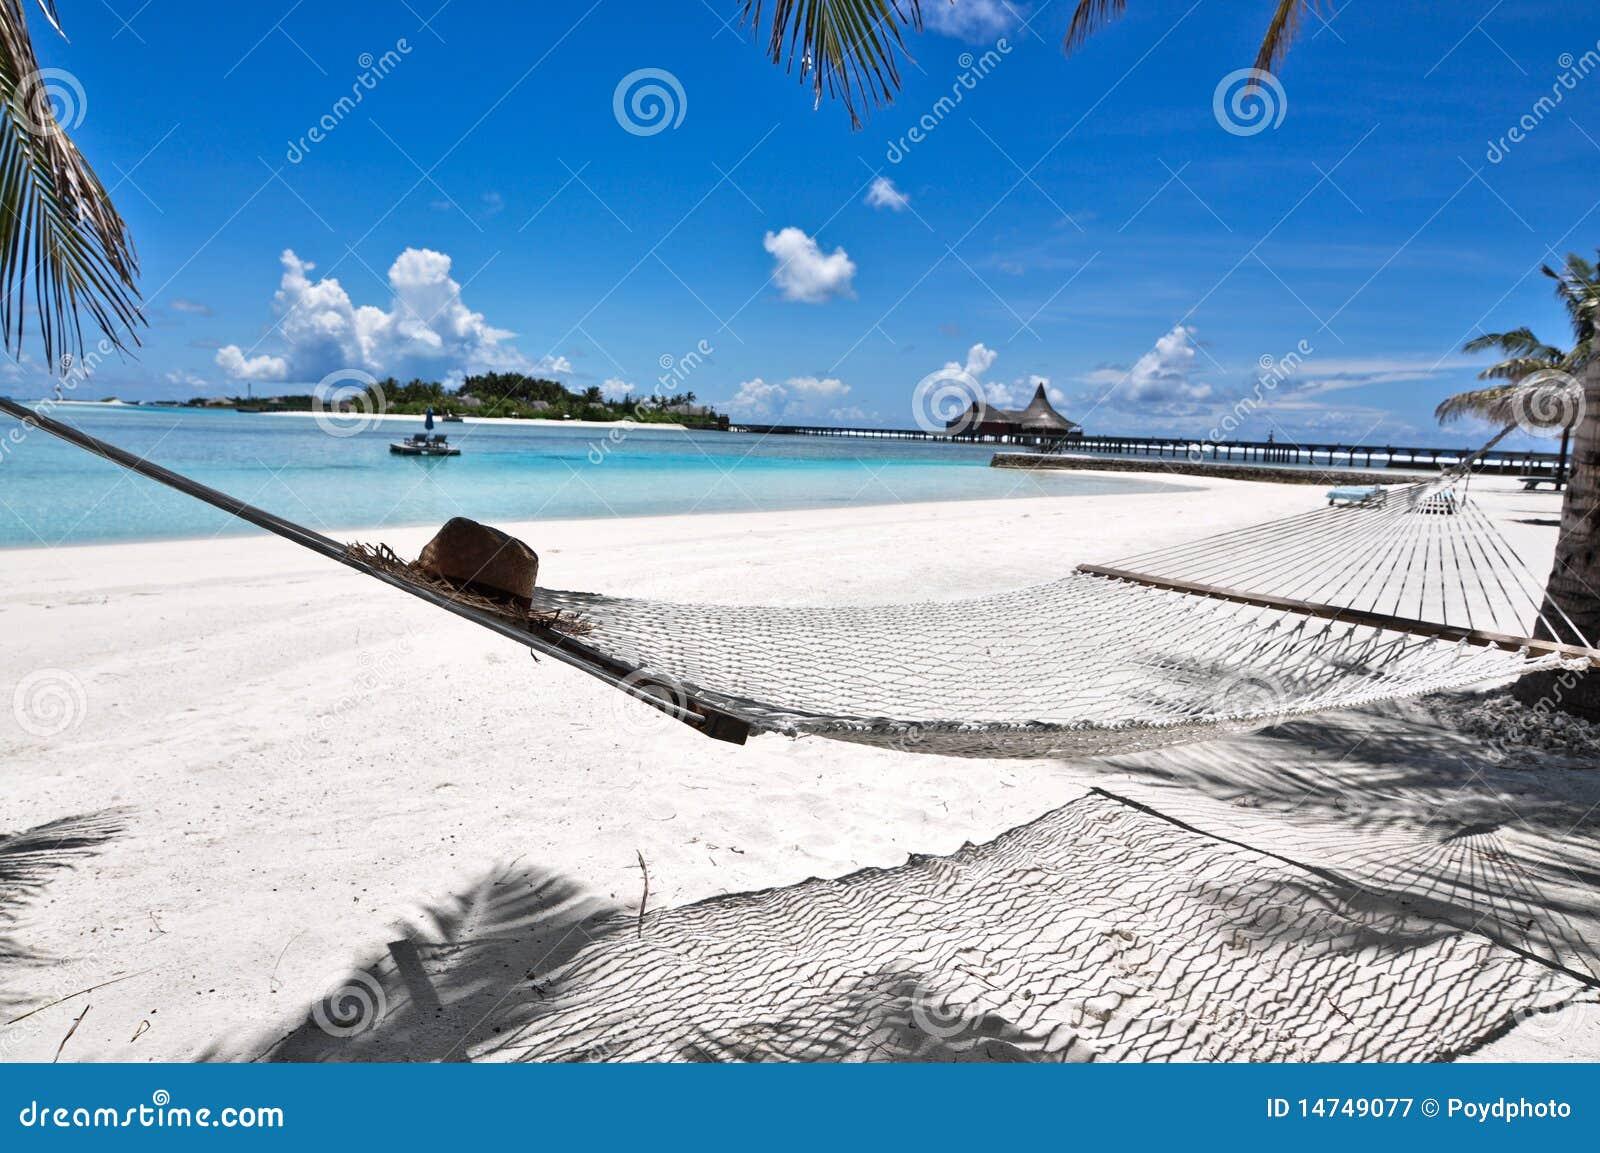 Hamaca maldives de la playa fotograf a de archivo libre de regal as imagen 14749077 - Fotos de hamacas en la playa ...